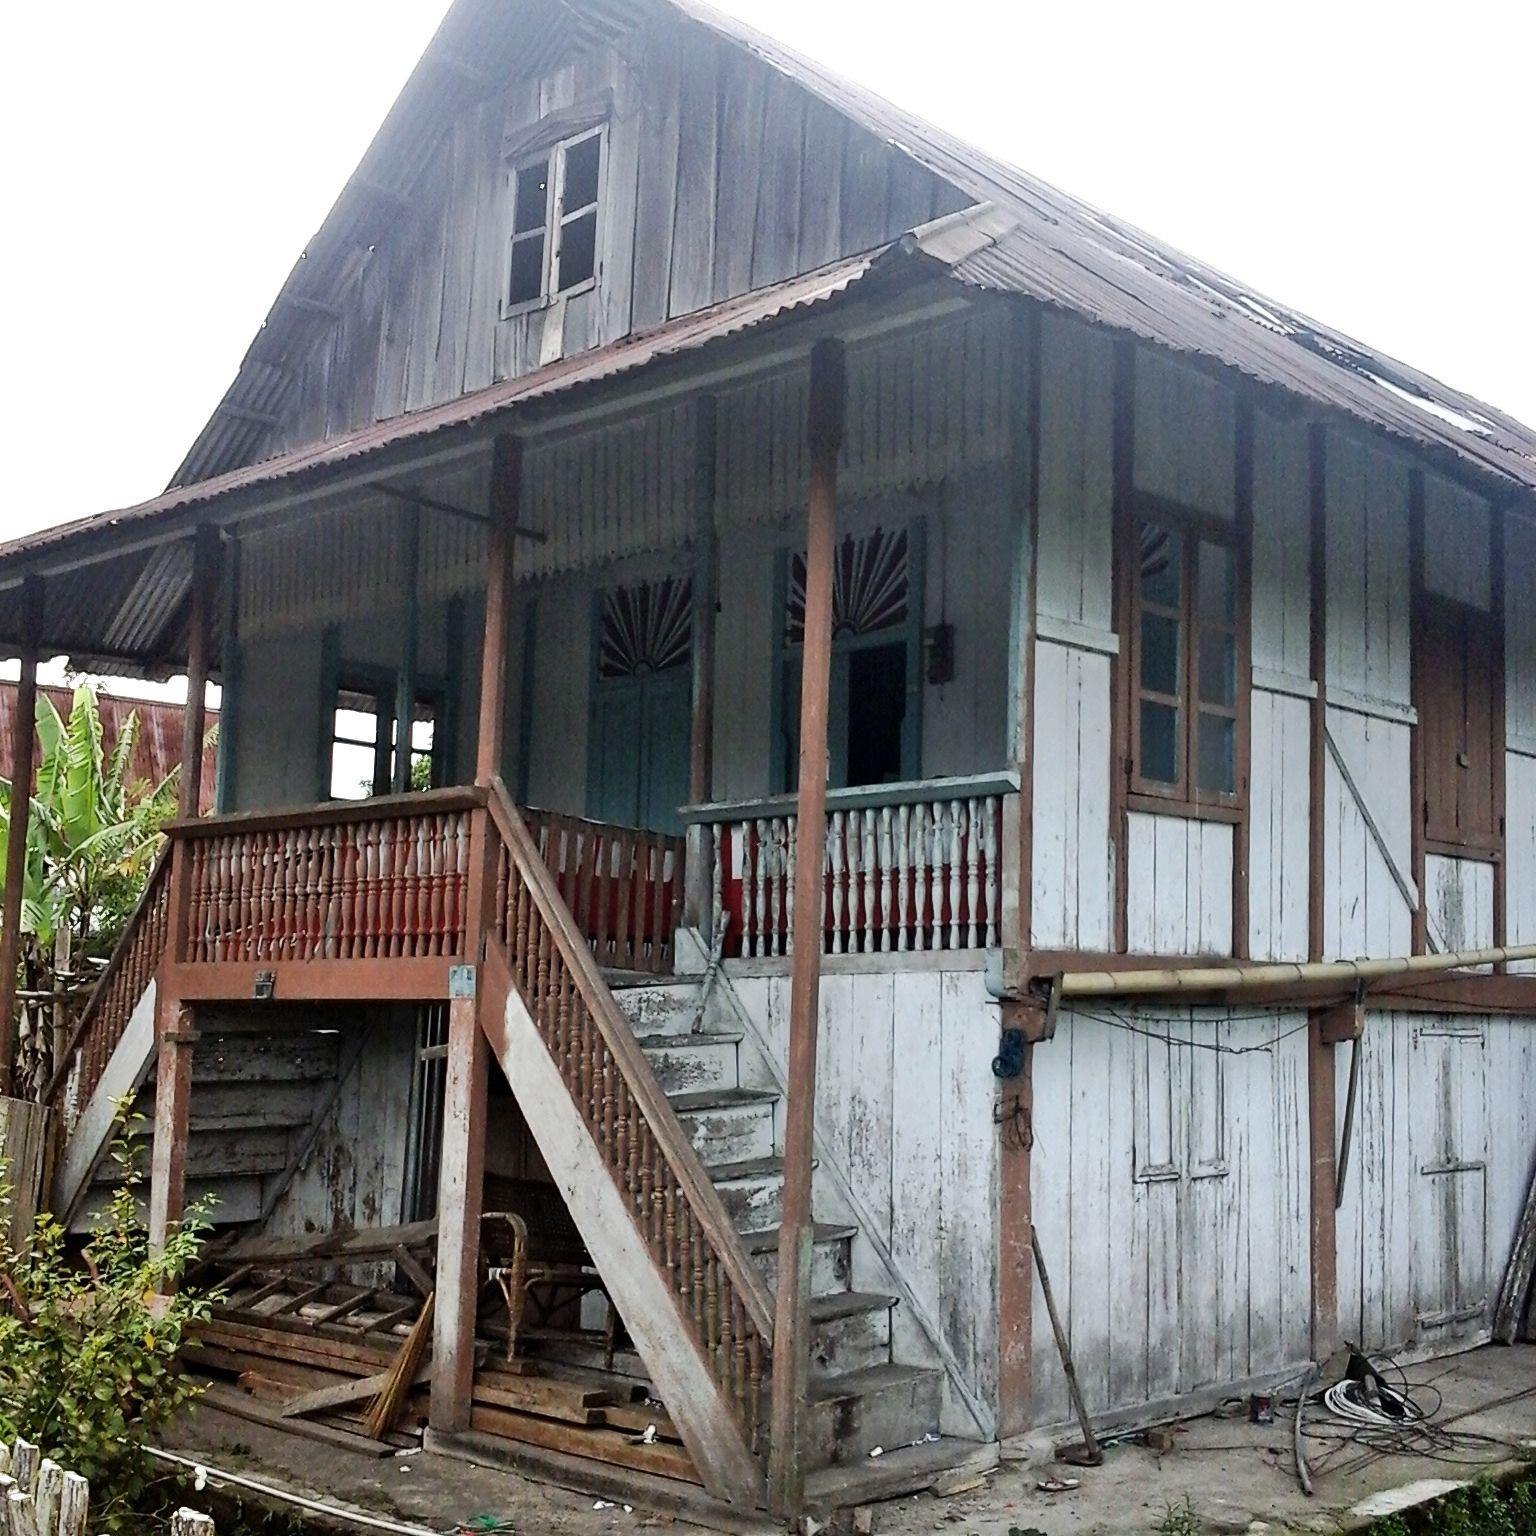 Rumah  Adat Minahasa Umumnya rumah  adat di Minahasa